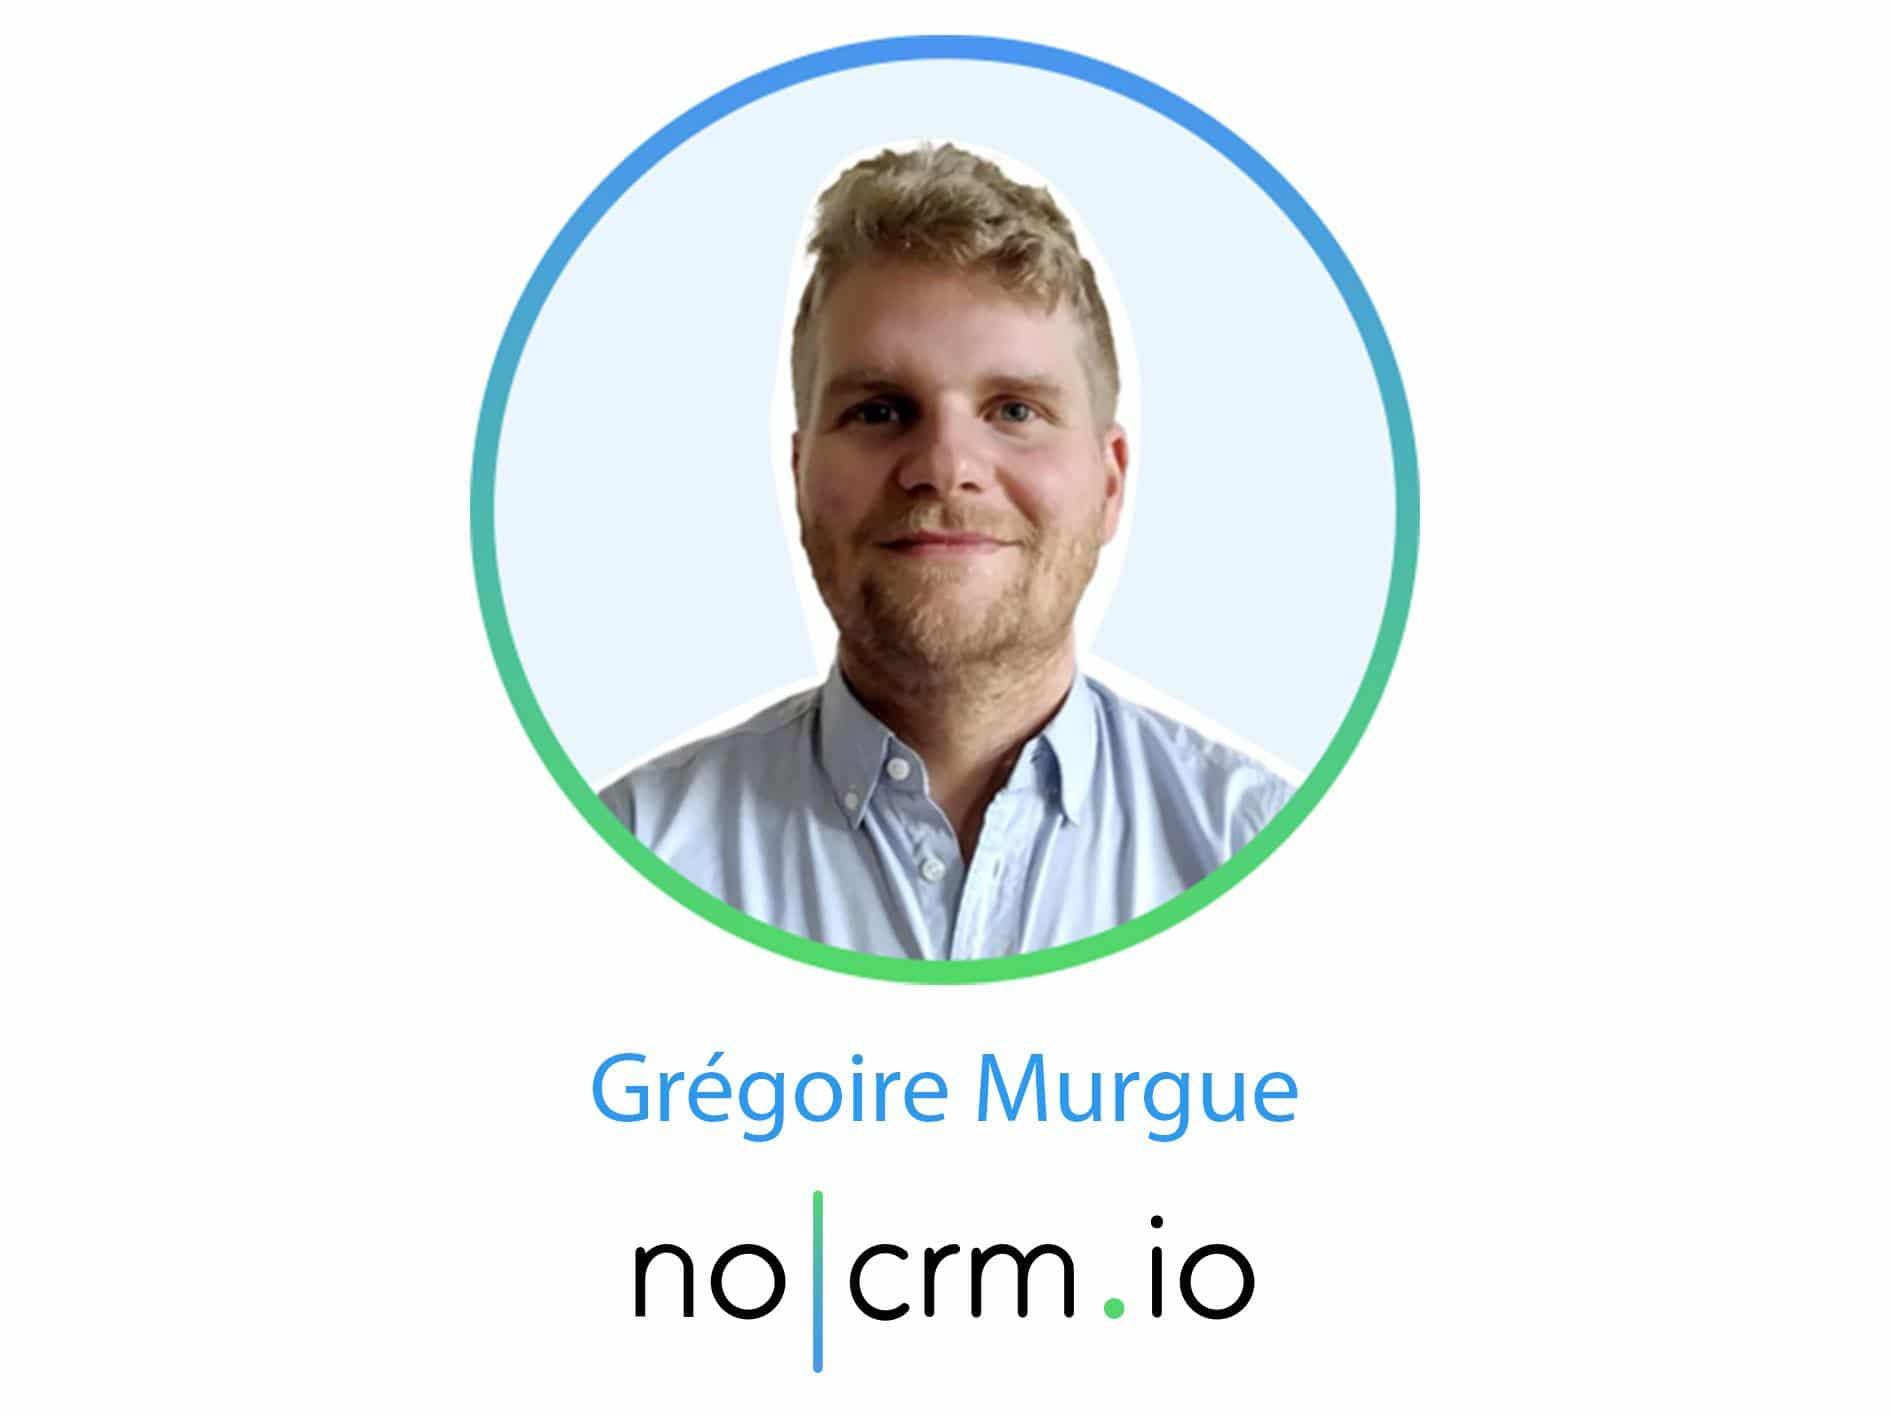 Gregoire Murgue noCRM